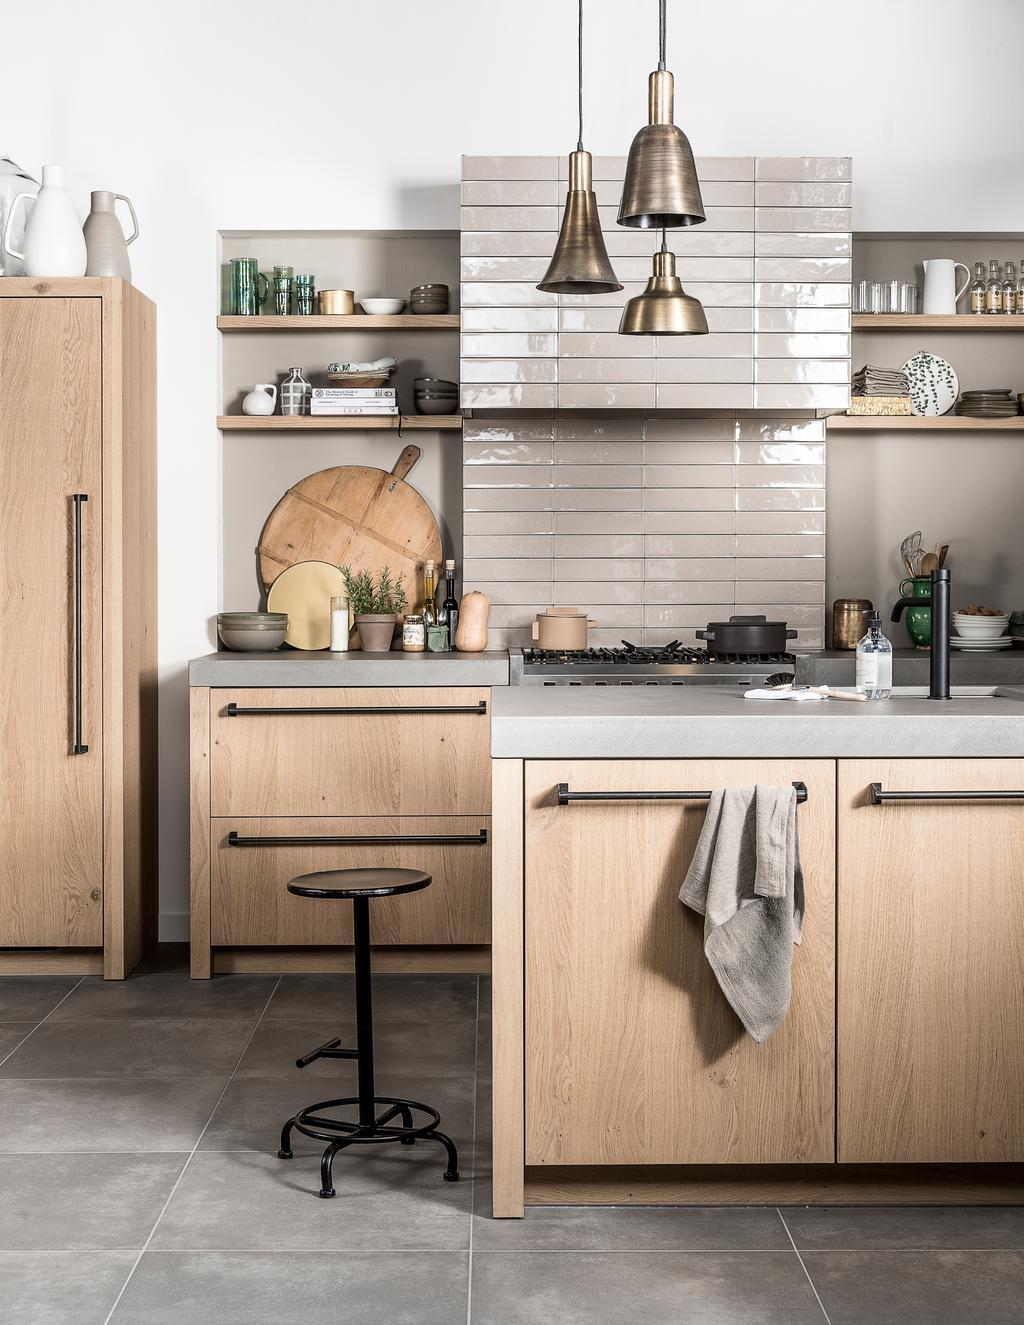 Kookwekker: de leukste kookwekkers - vtwonen